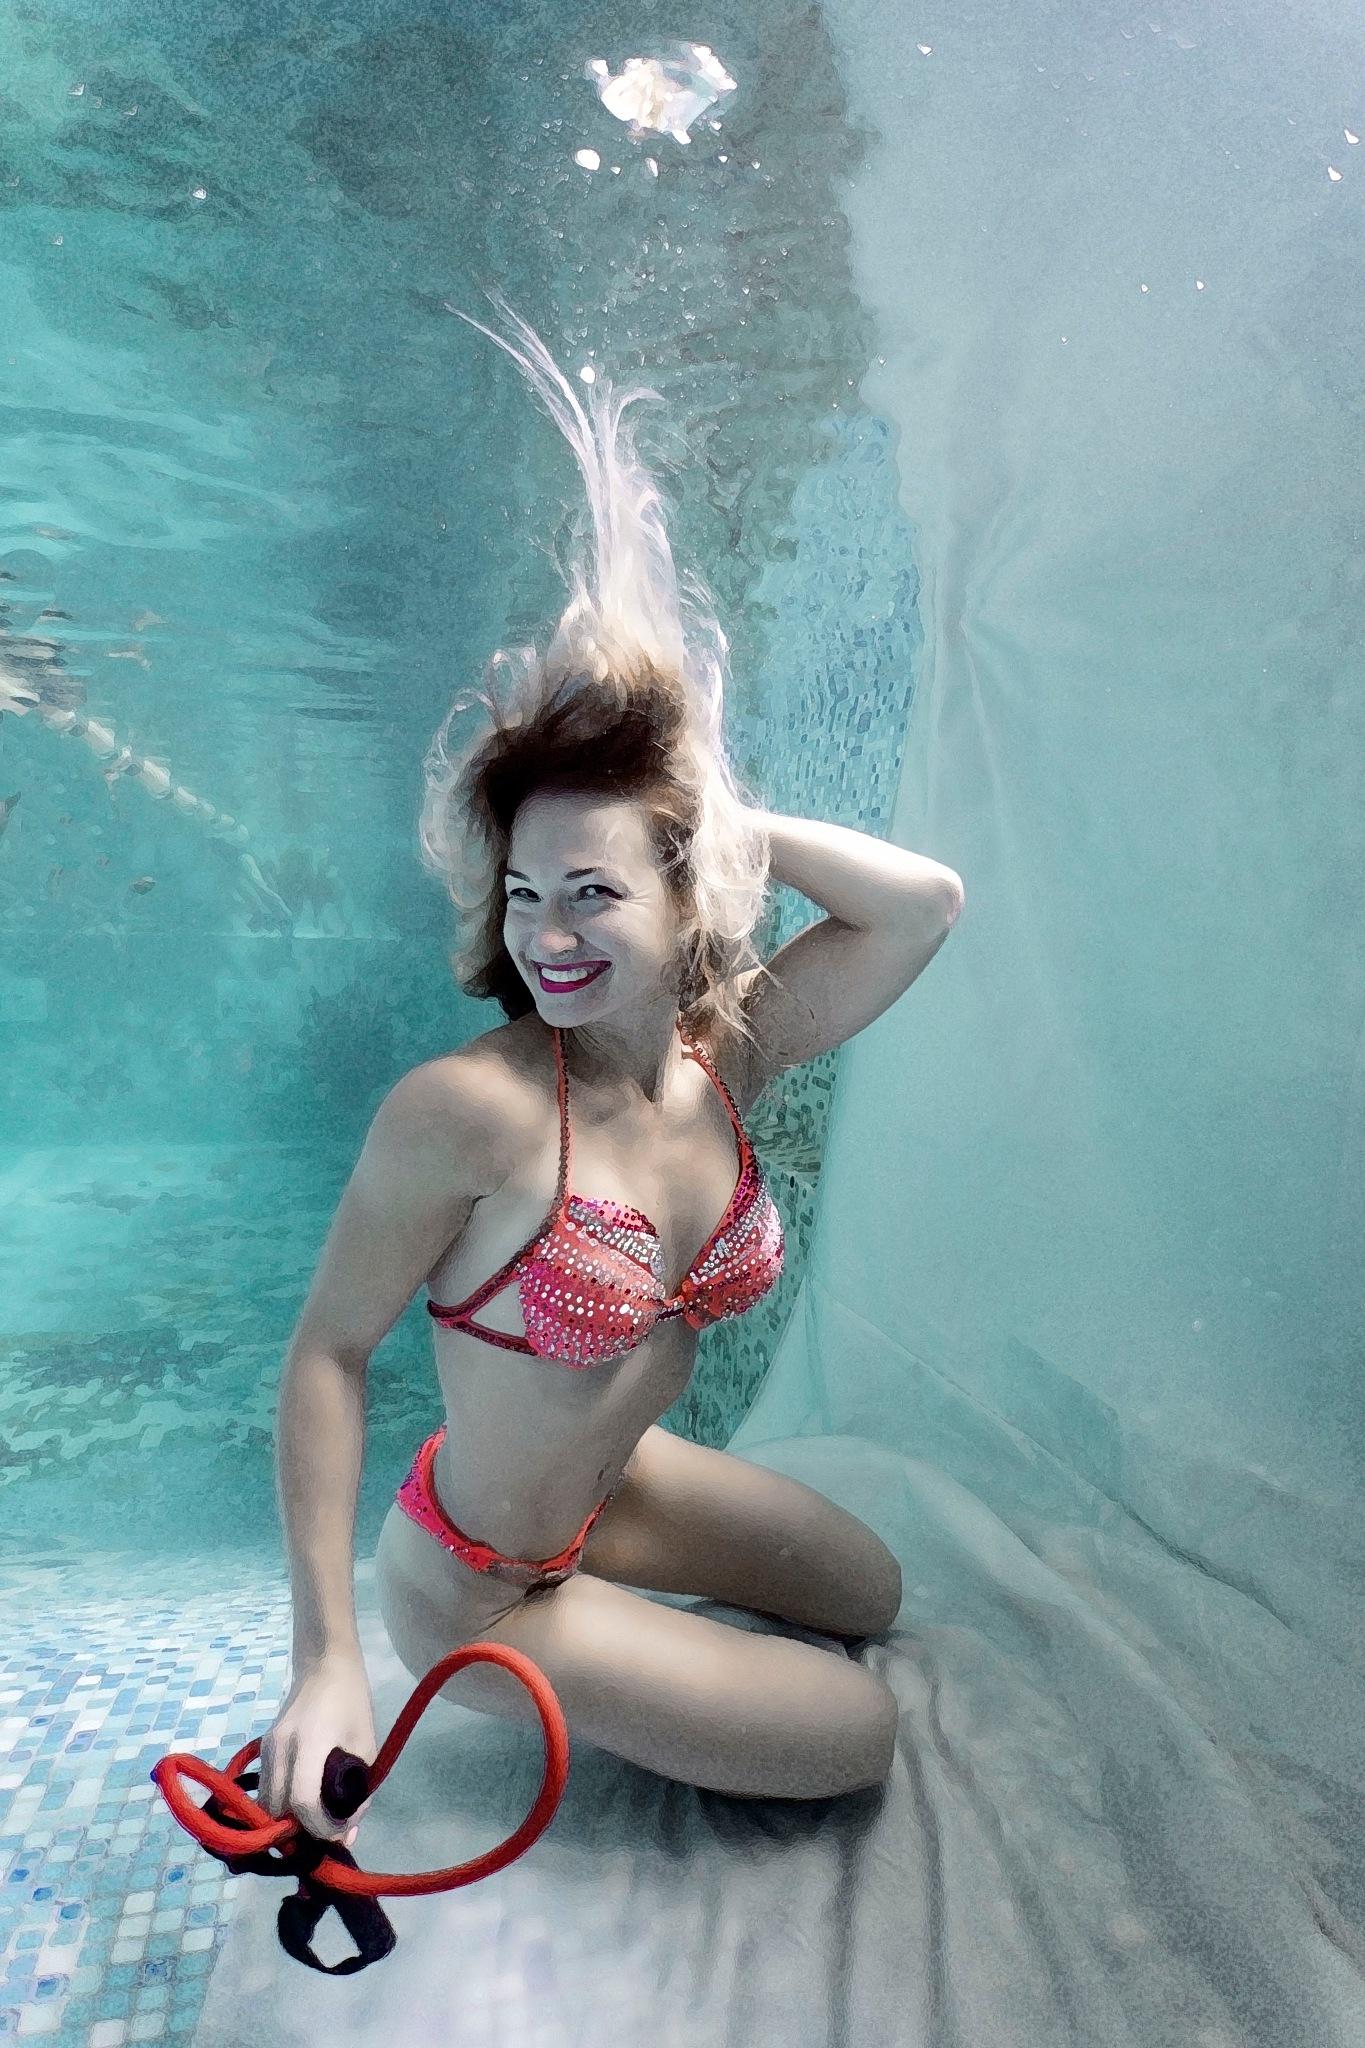 Aqua-fitness by Sergiy Glushchenko